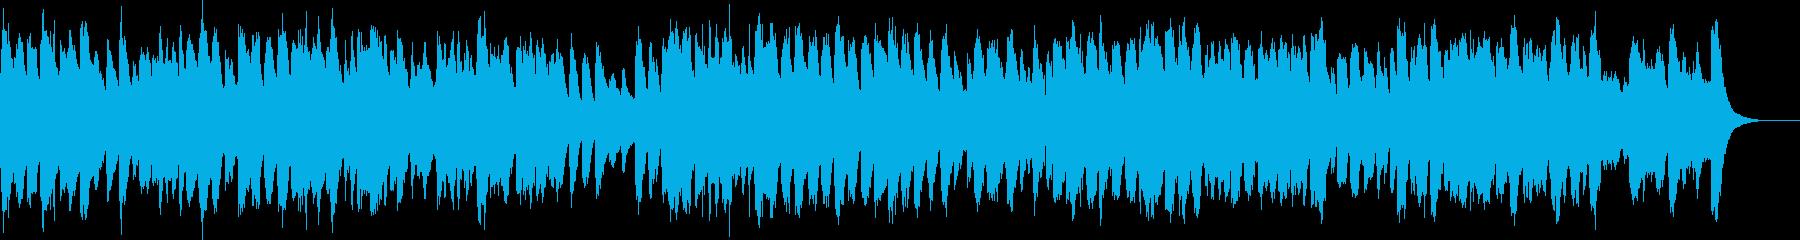 バロック調のハープシコードオリジナル曲の再生済みの波形